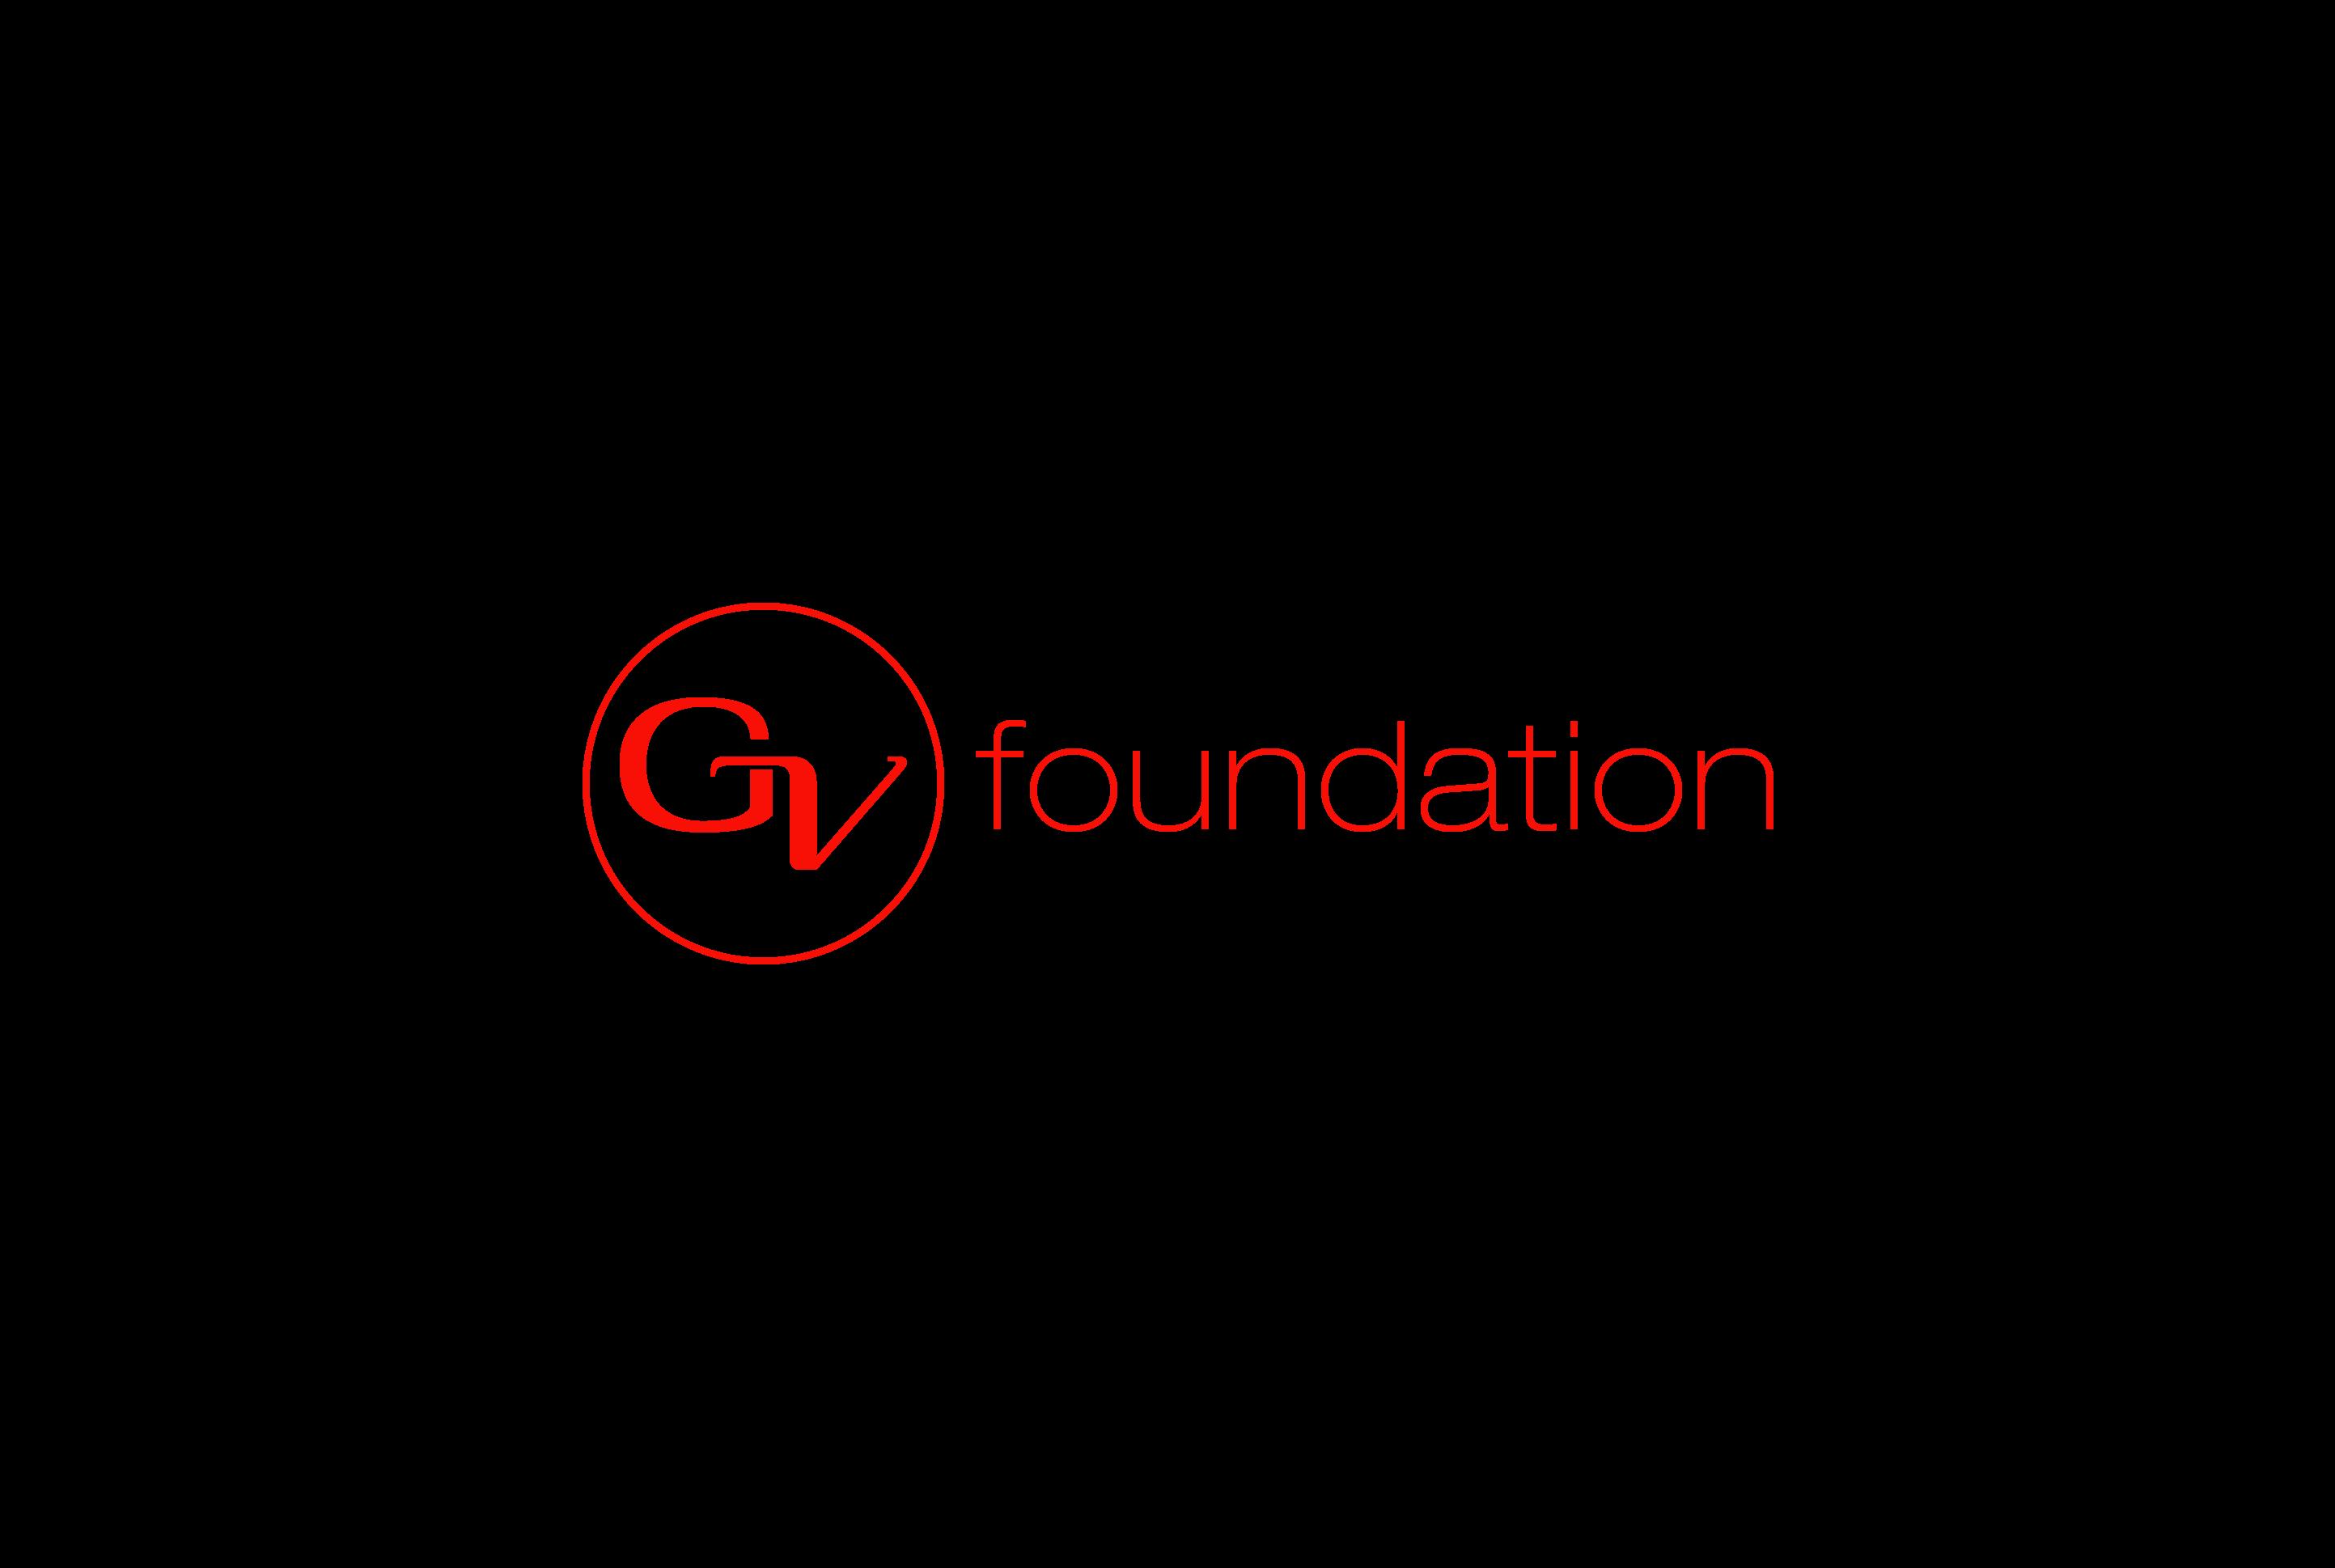 gvf_logo